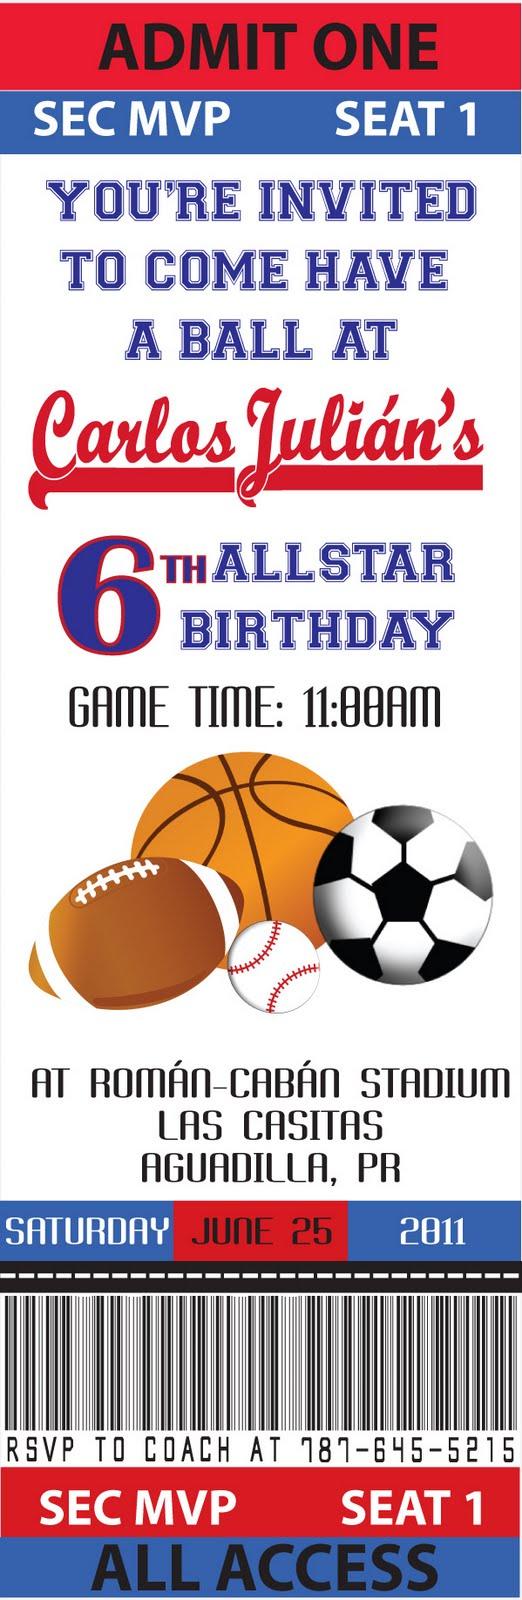 Invitation+Ticket+FINAL.png.jpg 522×1,600 pixels Sports